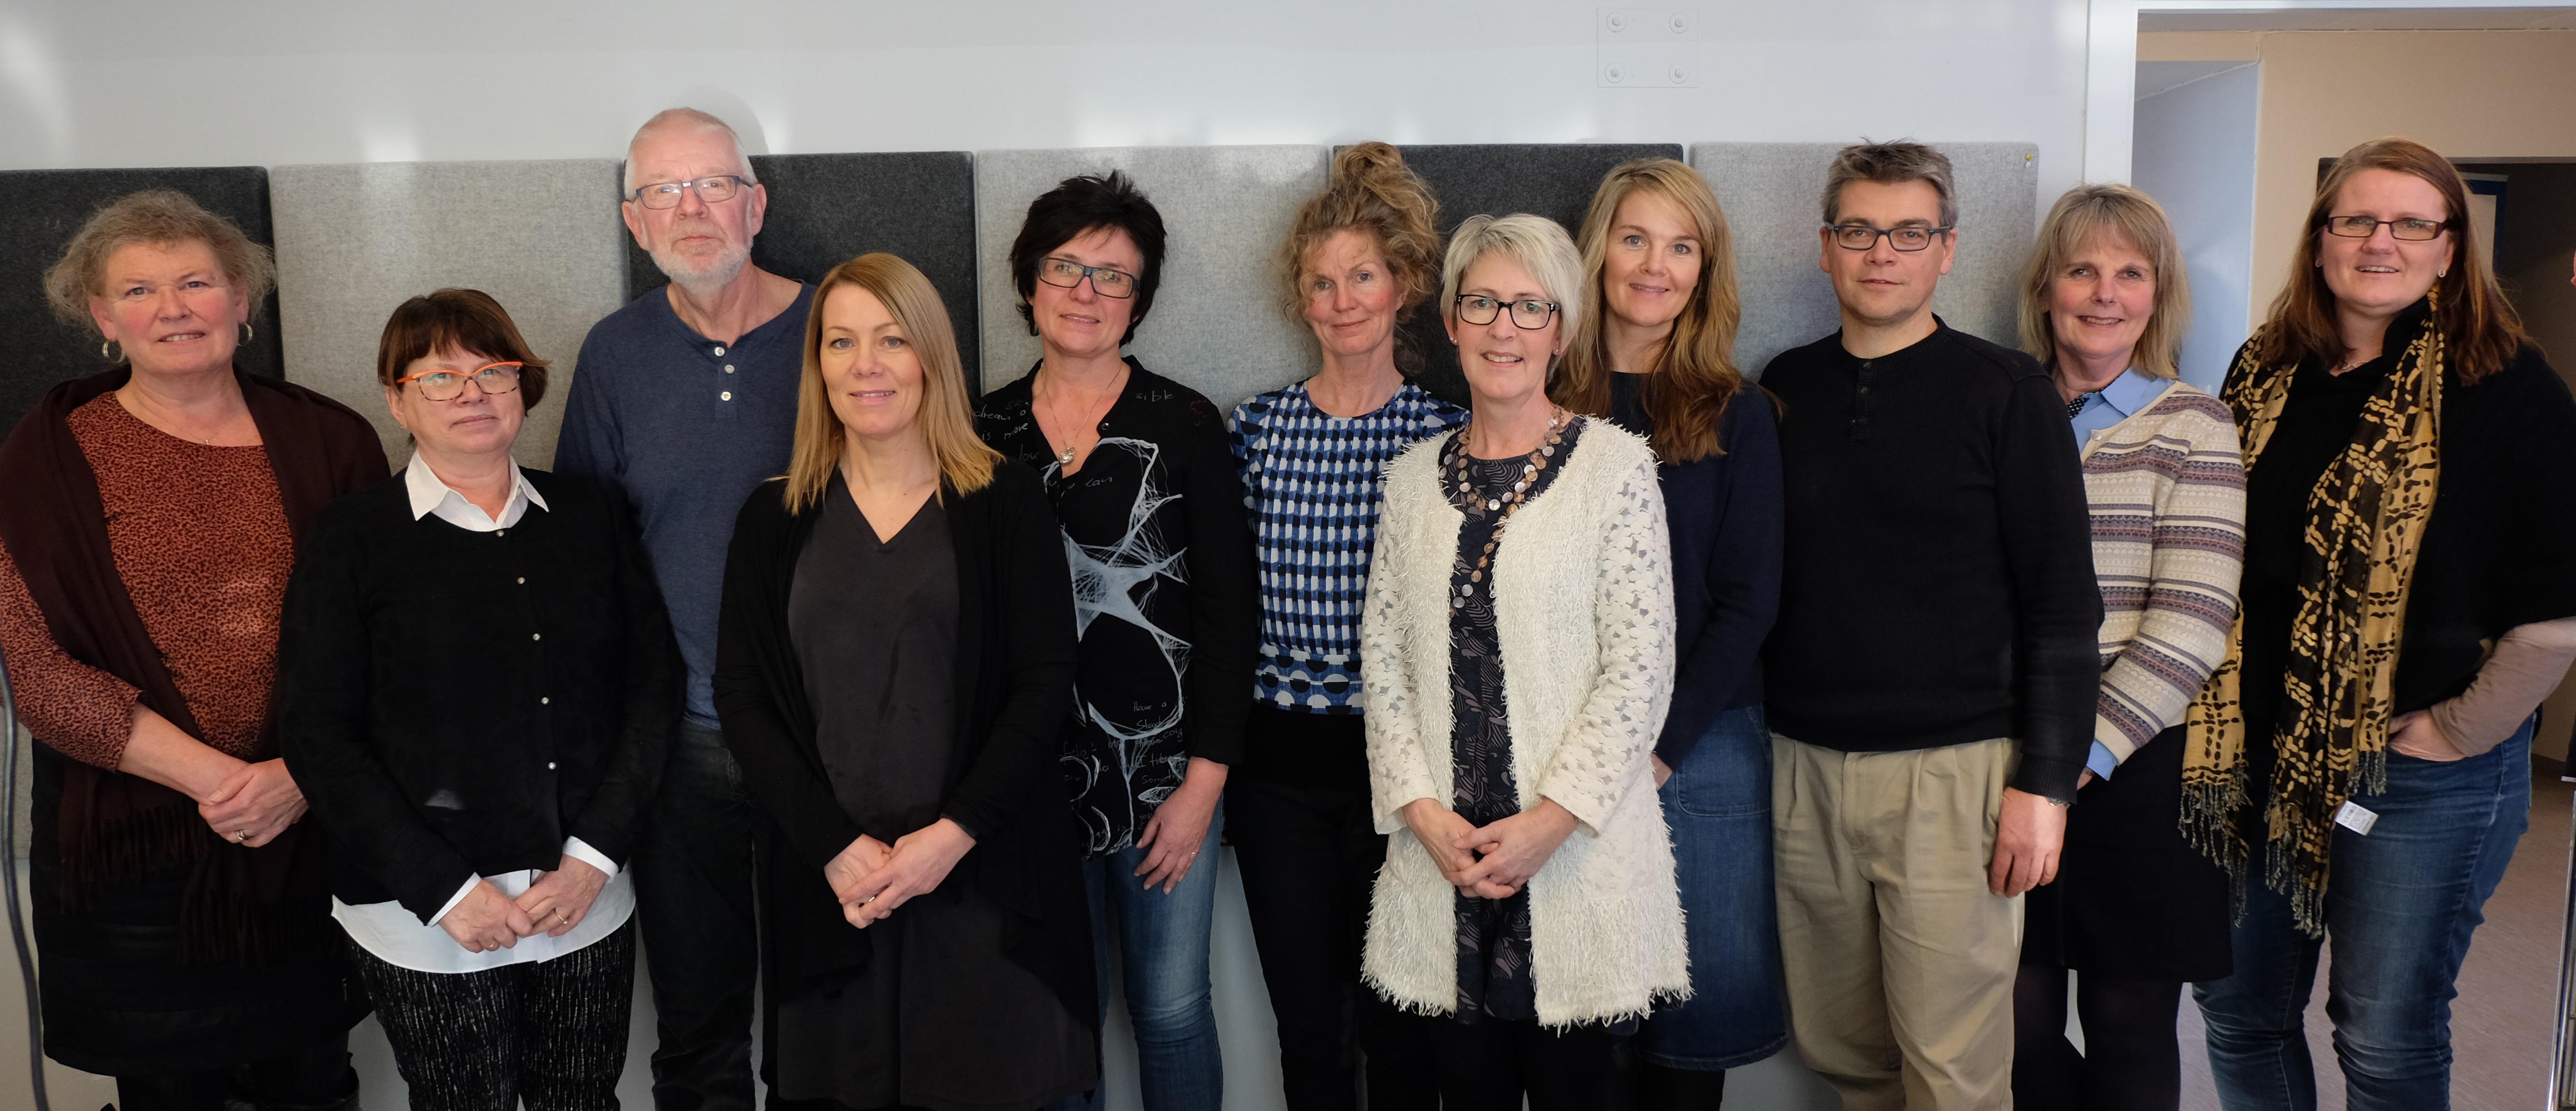 Bilde av hele referansegruppa